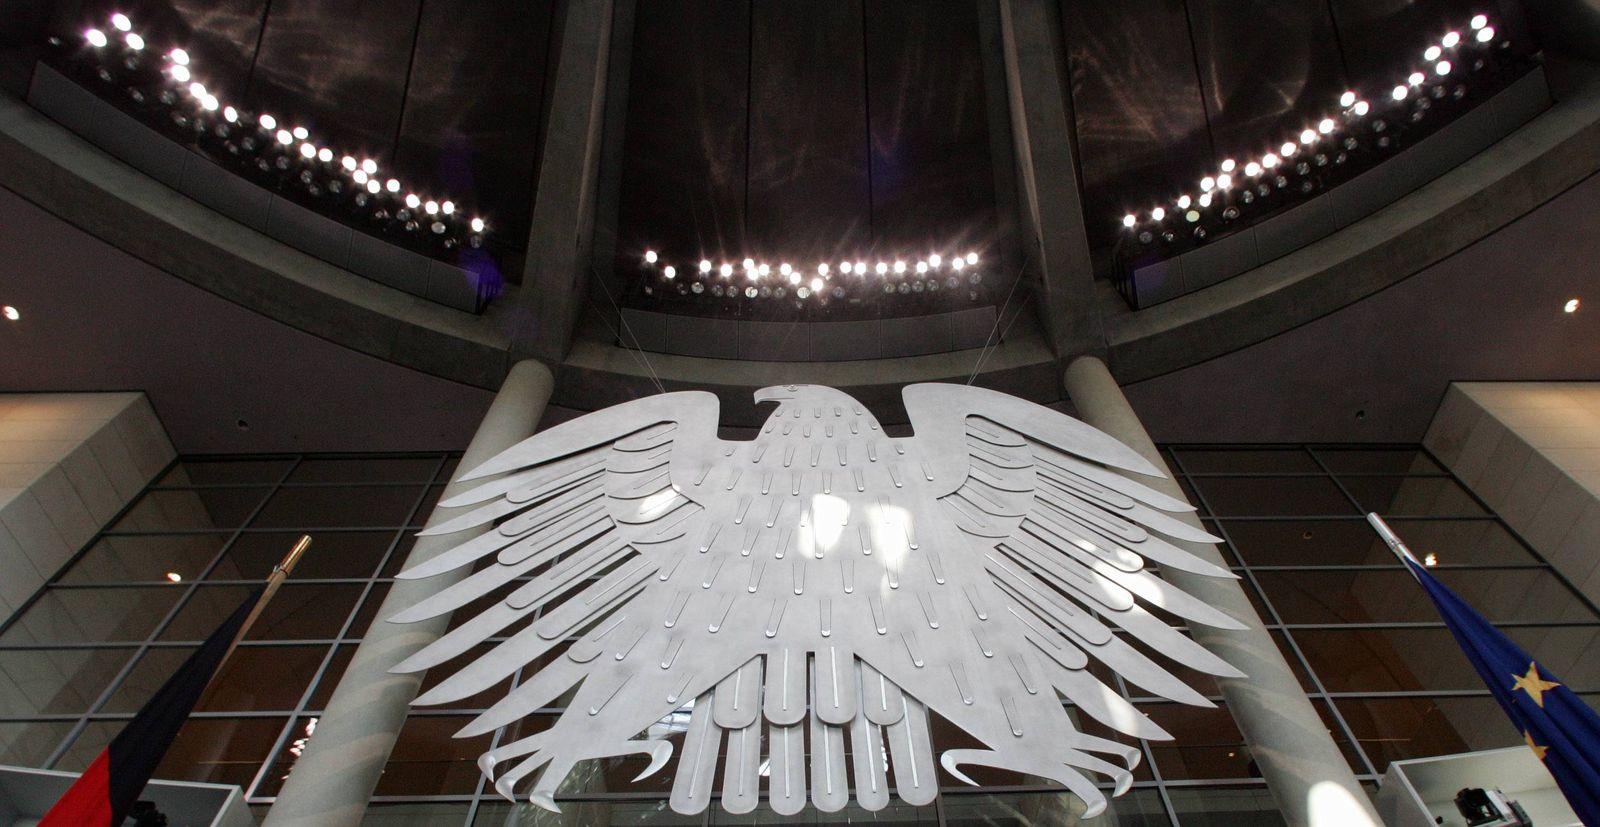 NICHT VERWENDEN Bundesadler / Plenarsaal / Deutsche Bundestag